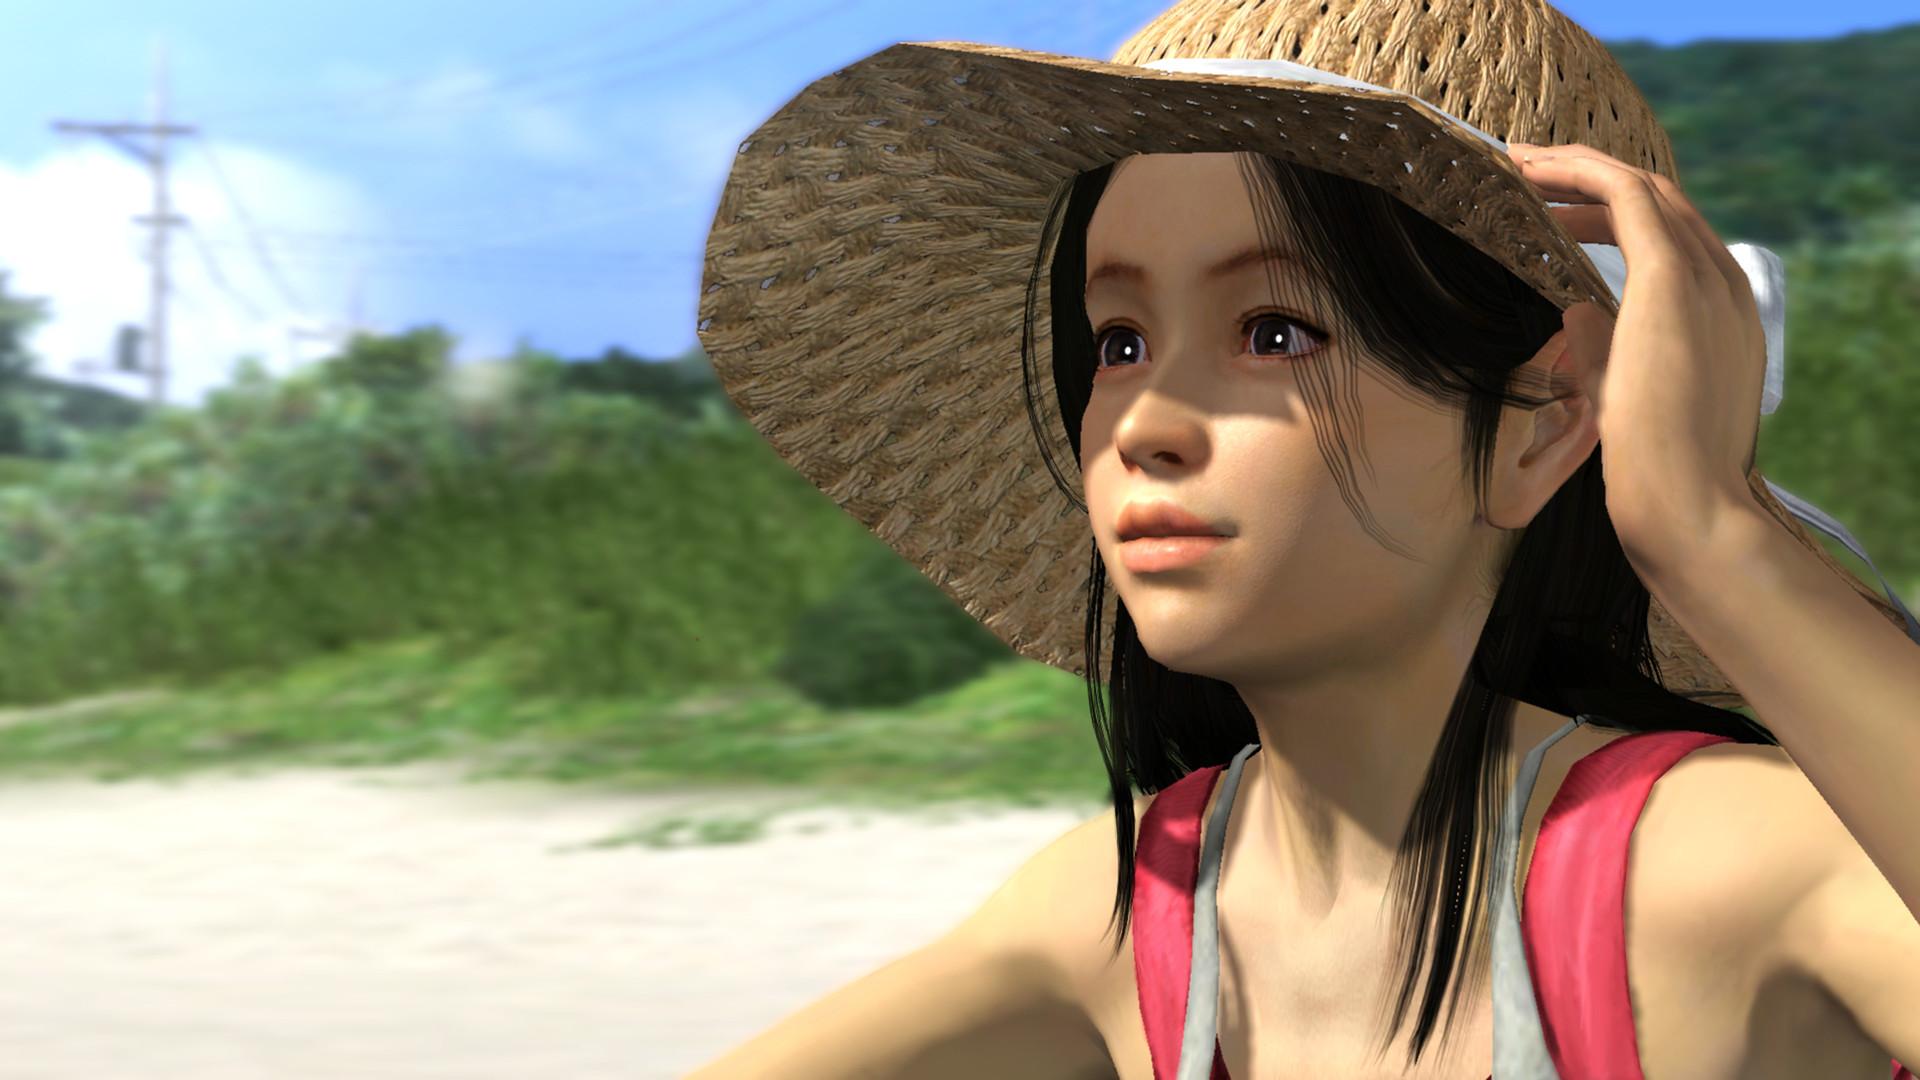 yakuza-3-remastered-pc-screenshot-02